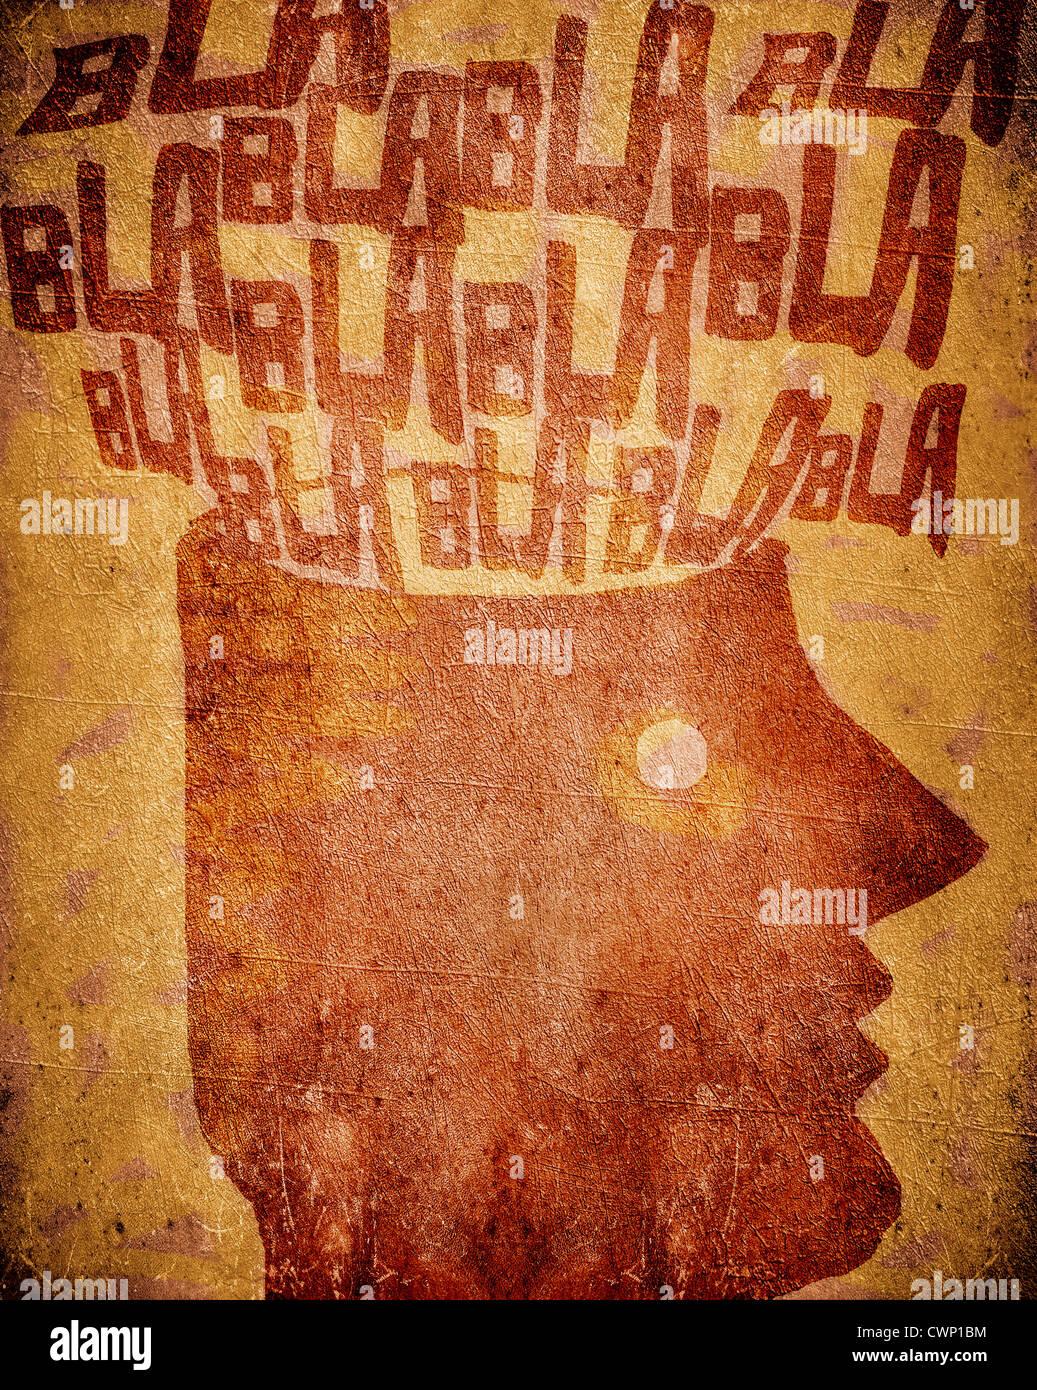 Hablar demasiado en la cabeza del hombre. Imagen De Stock